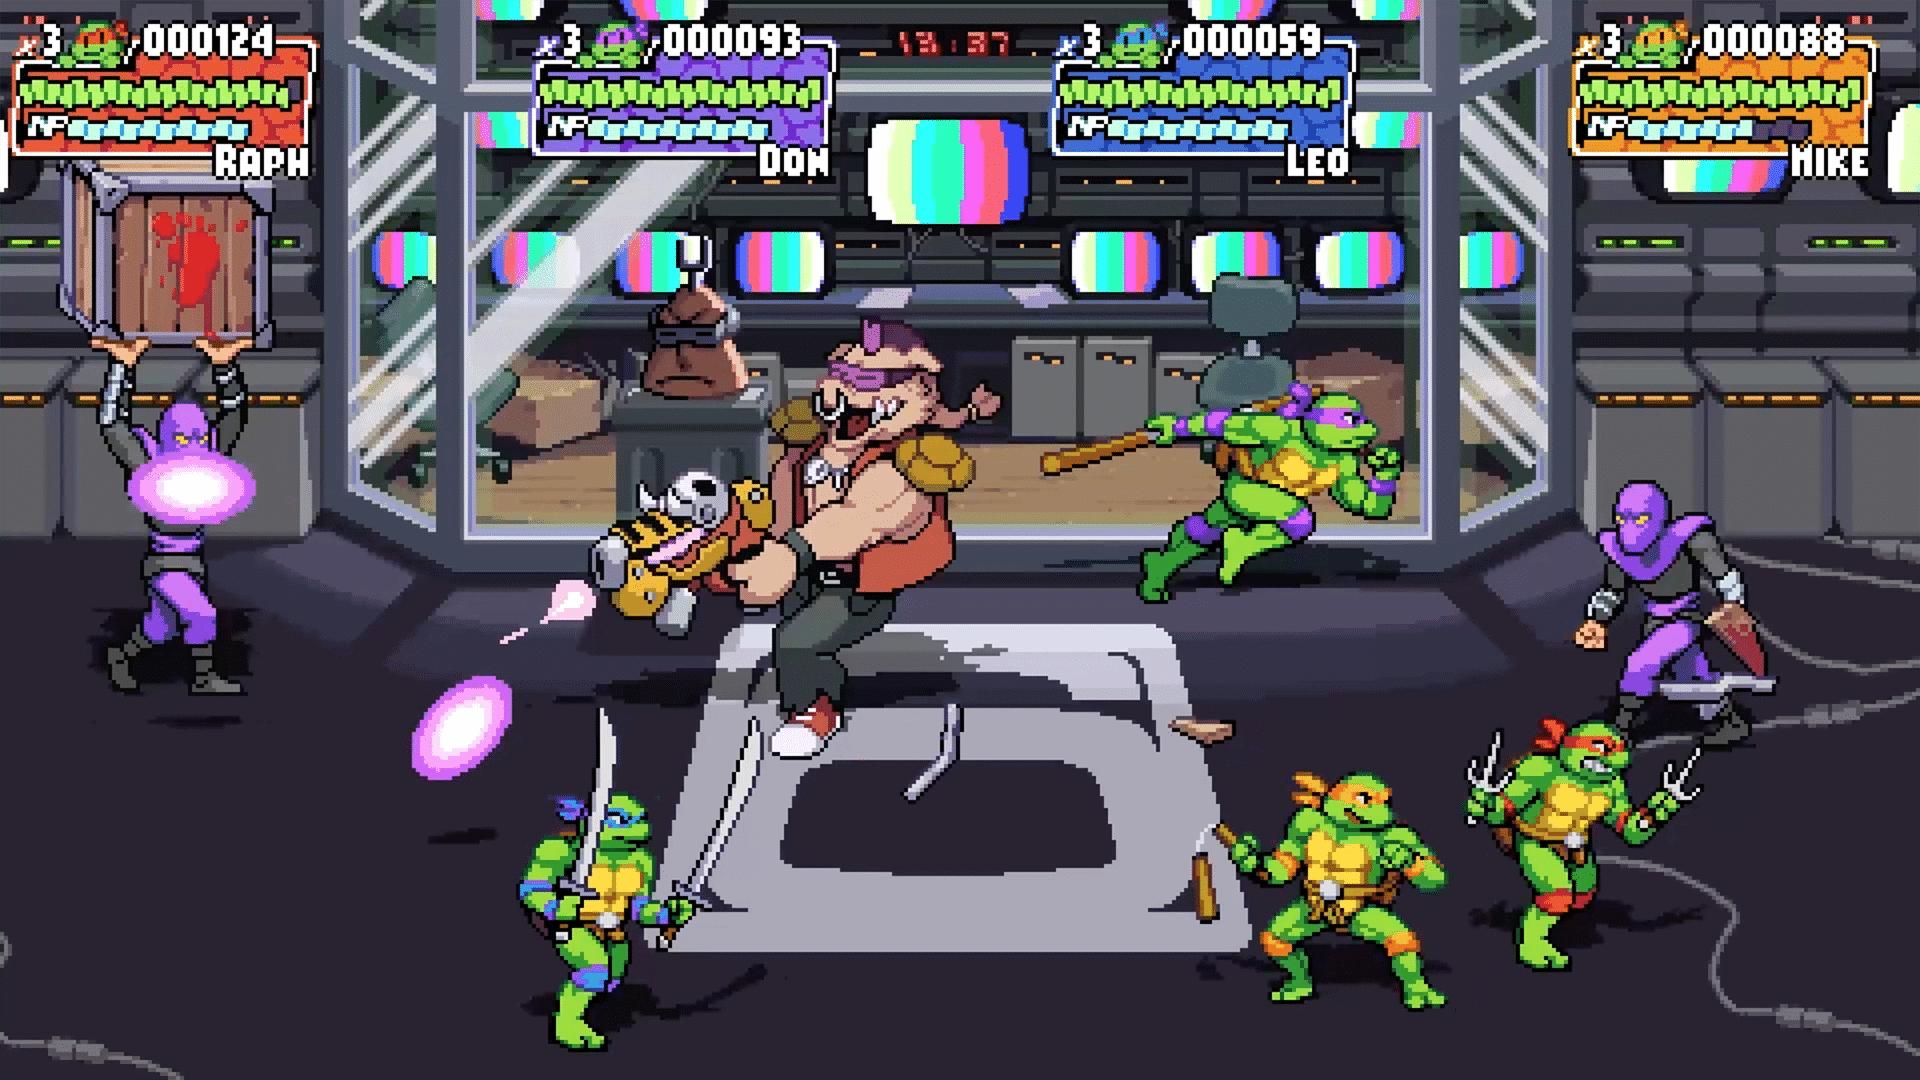 Teenage-Mutant-Ninja-Turtles-Shredder-s-Revenge-erscheint-f-r-die-Nintendo-Switch-Maximale-Turtle-Power-im-neuen-Gameplay-Trailer